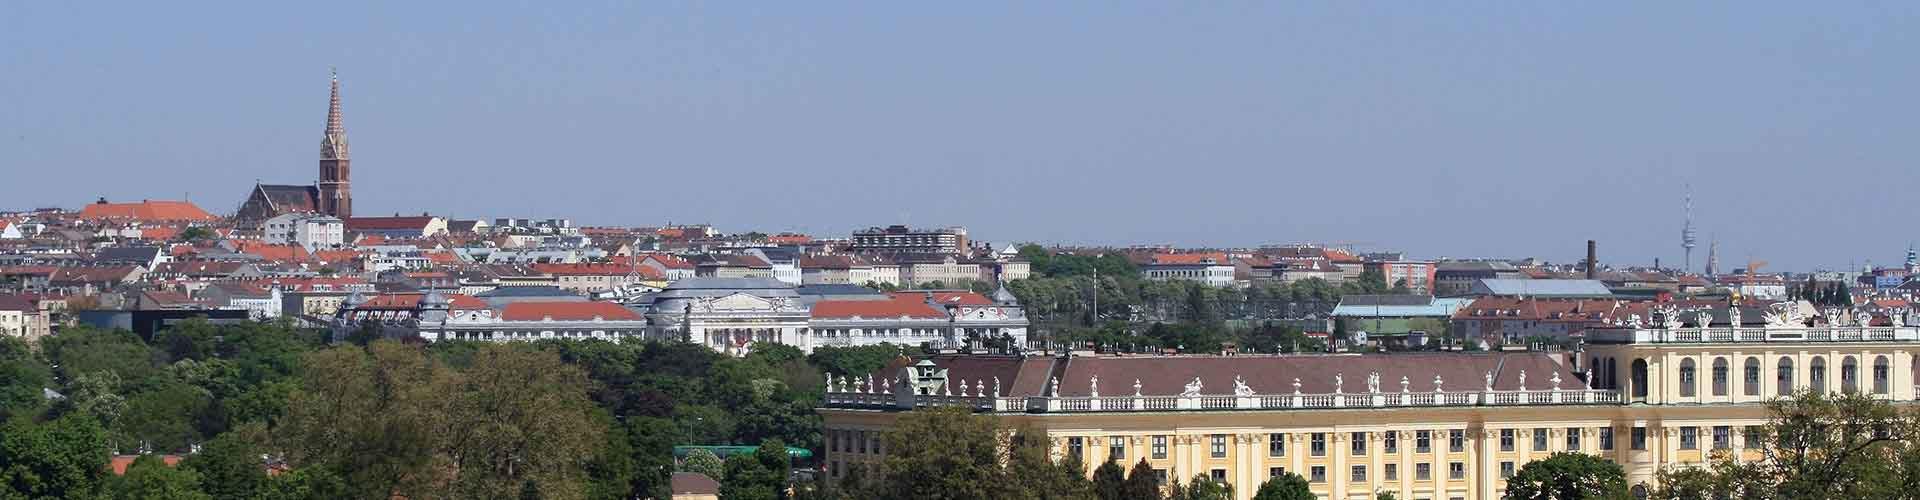 ウィーン – Rudolfsheim-Fuenfhaus地区のユースホステル. 地図 ウィーン, すべてのユースホステルの写真とレビュー ウィーン.